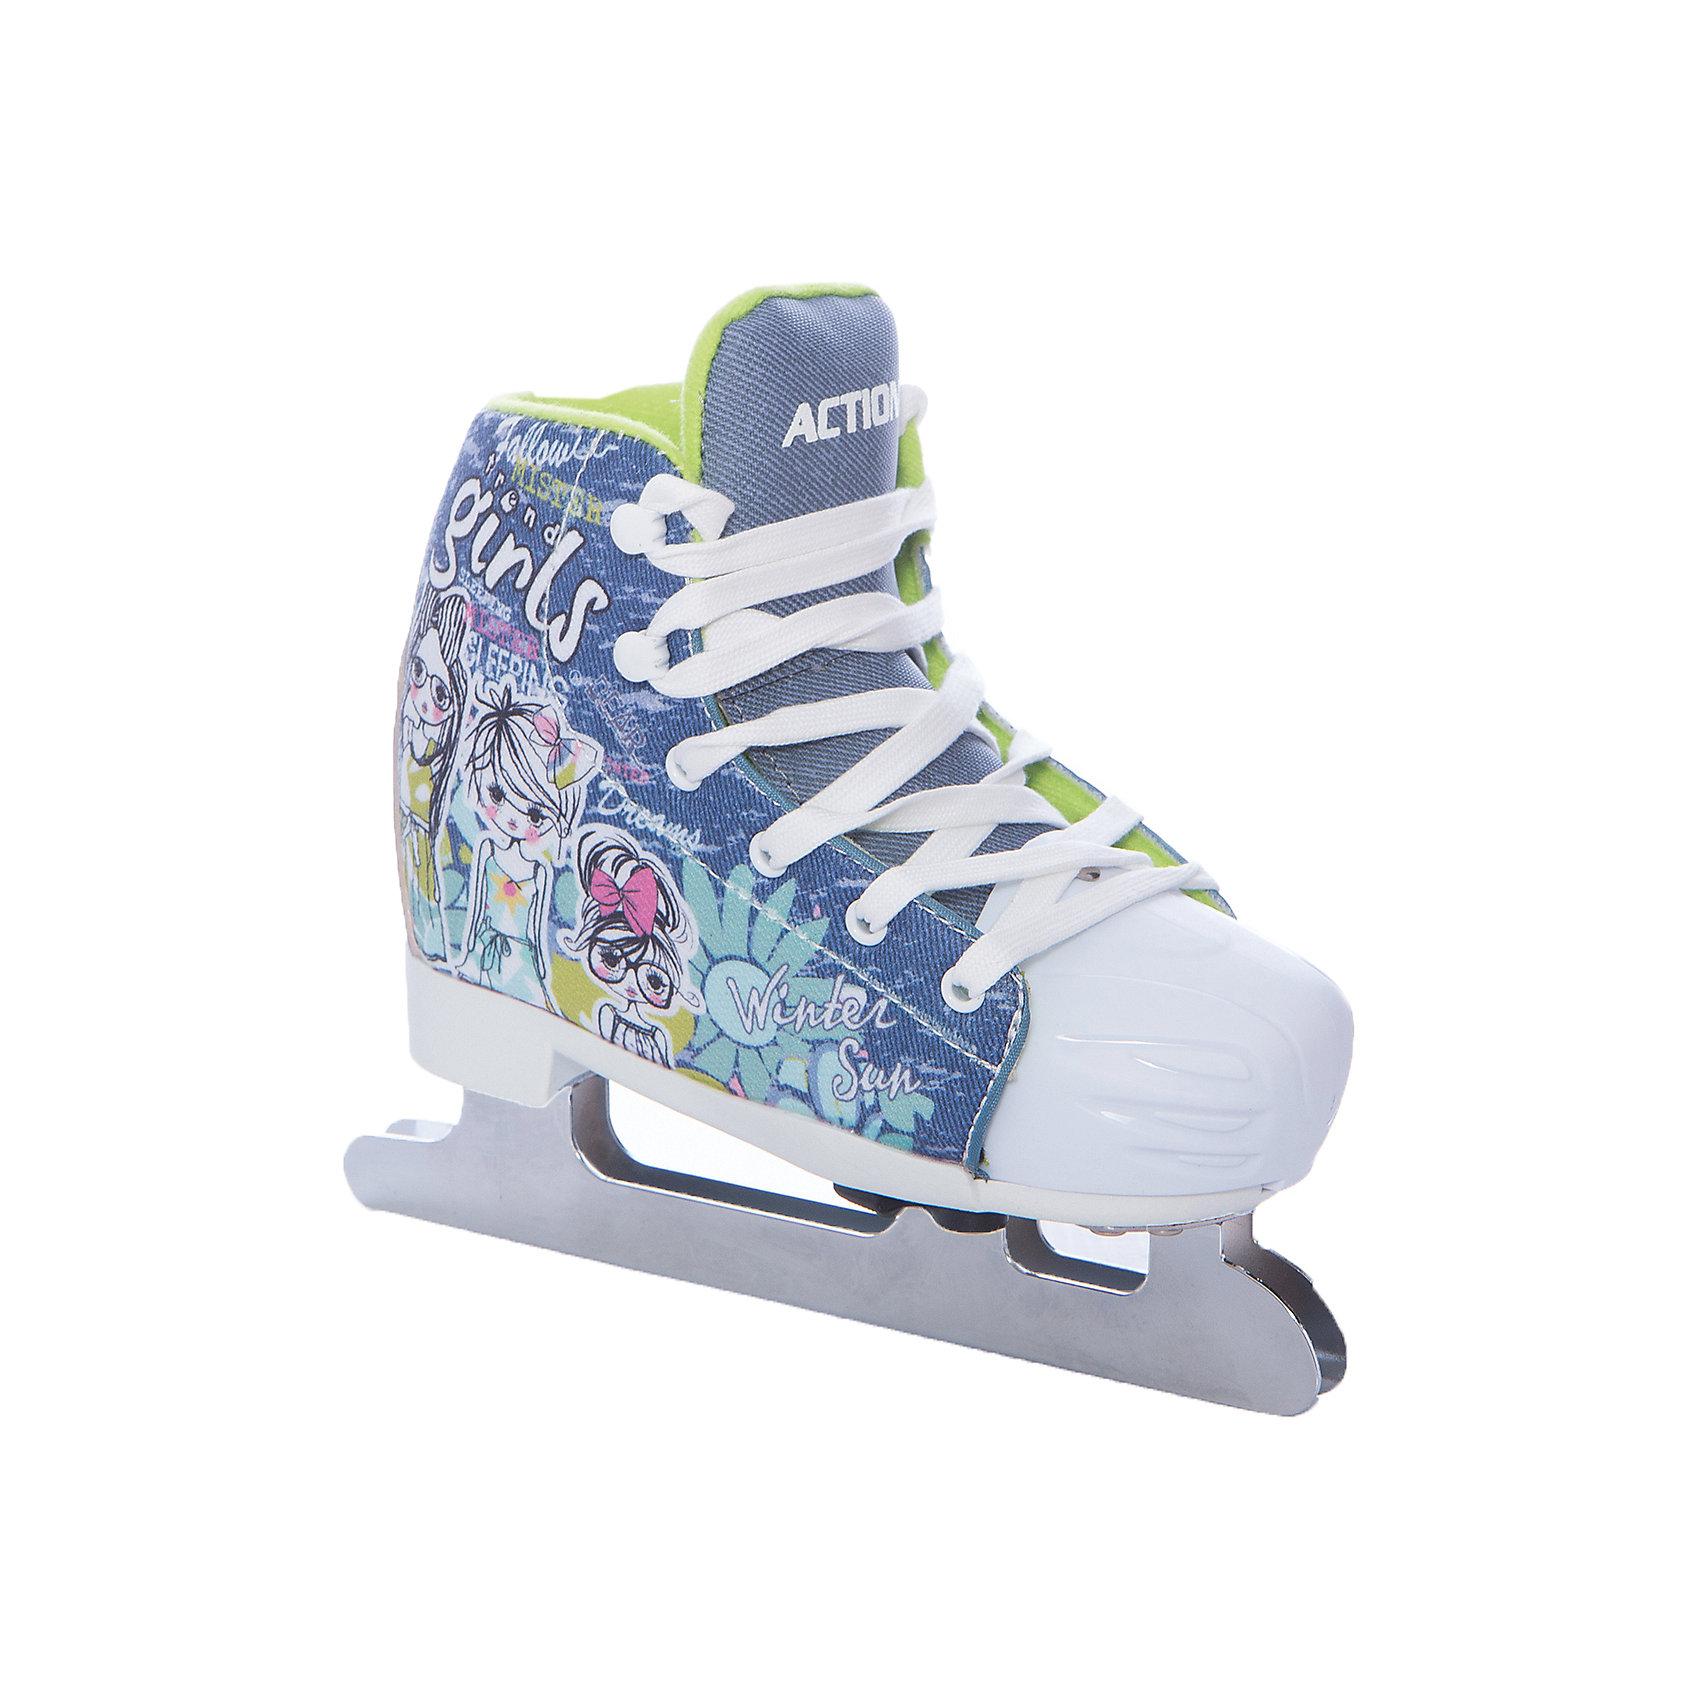 - Коньки ледовые раздвижные двухполозные PW-250, Action коньки детские двухполозные novus snow baby boy aksk 17 10